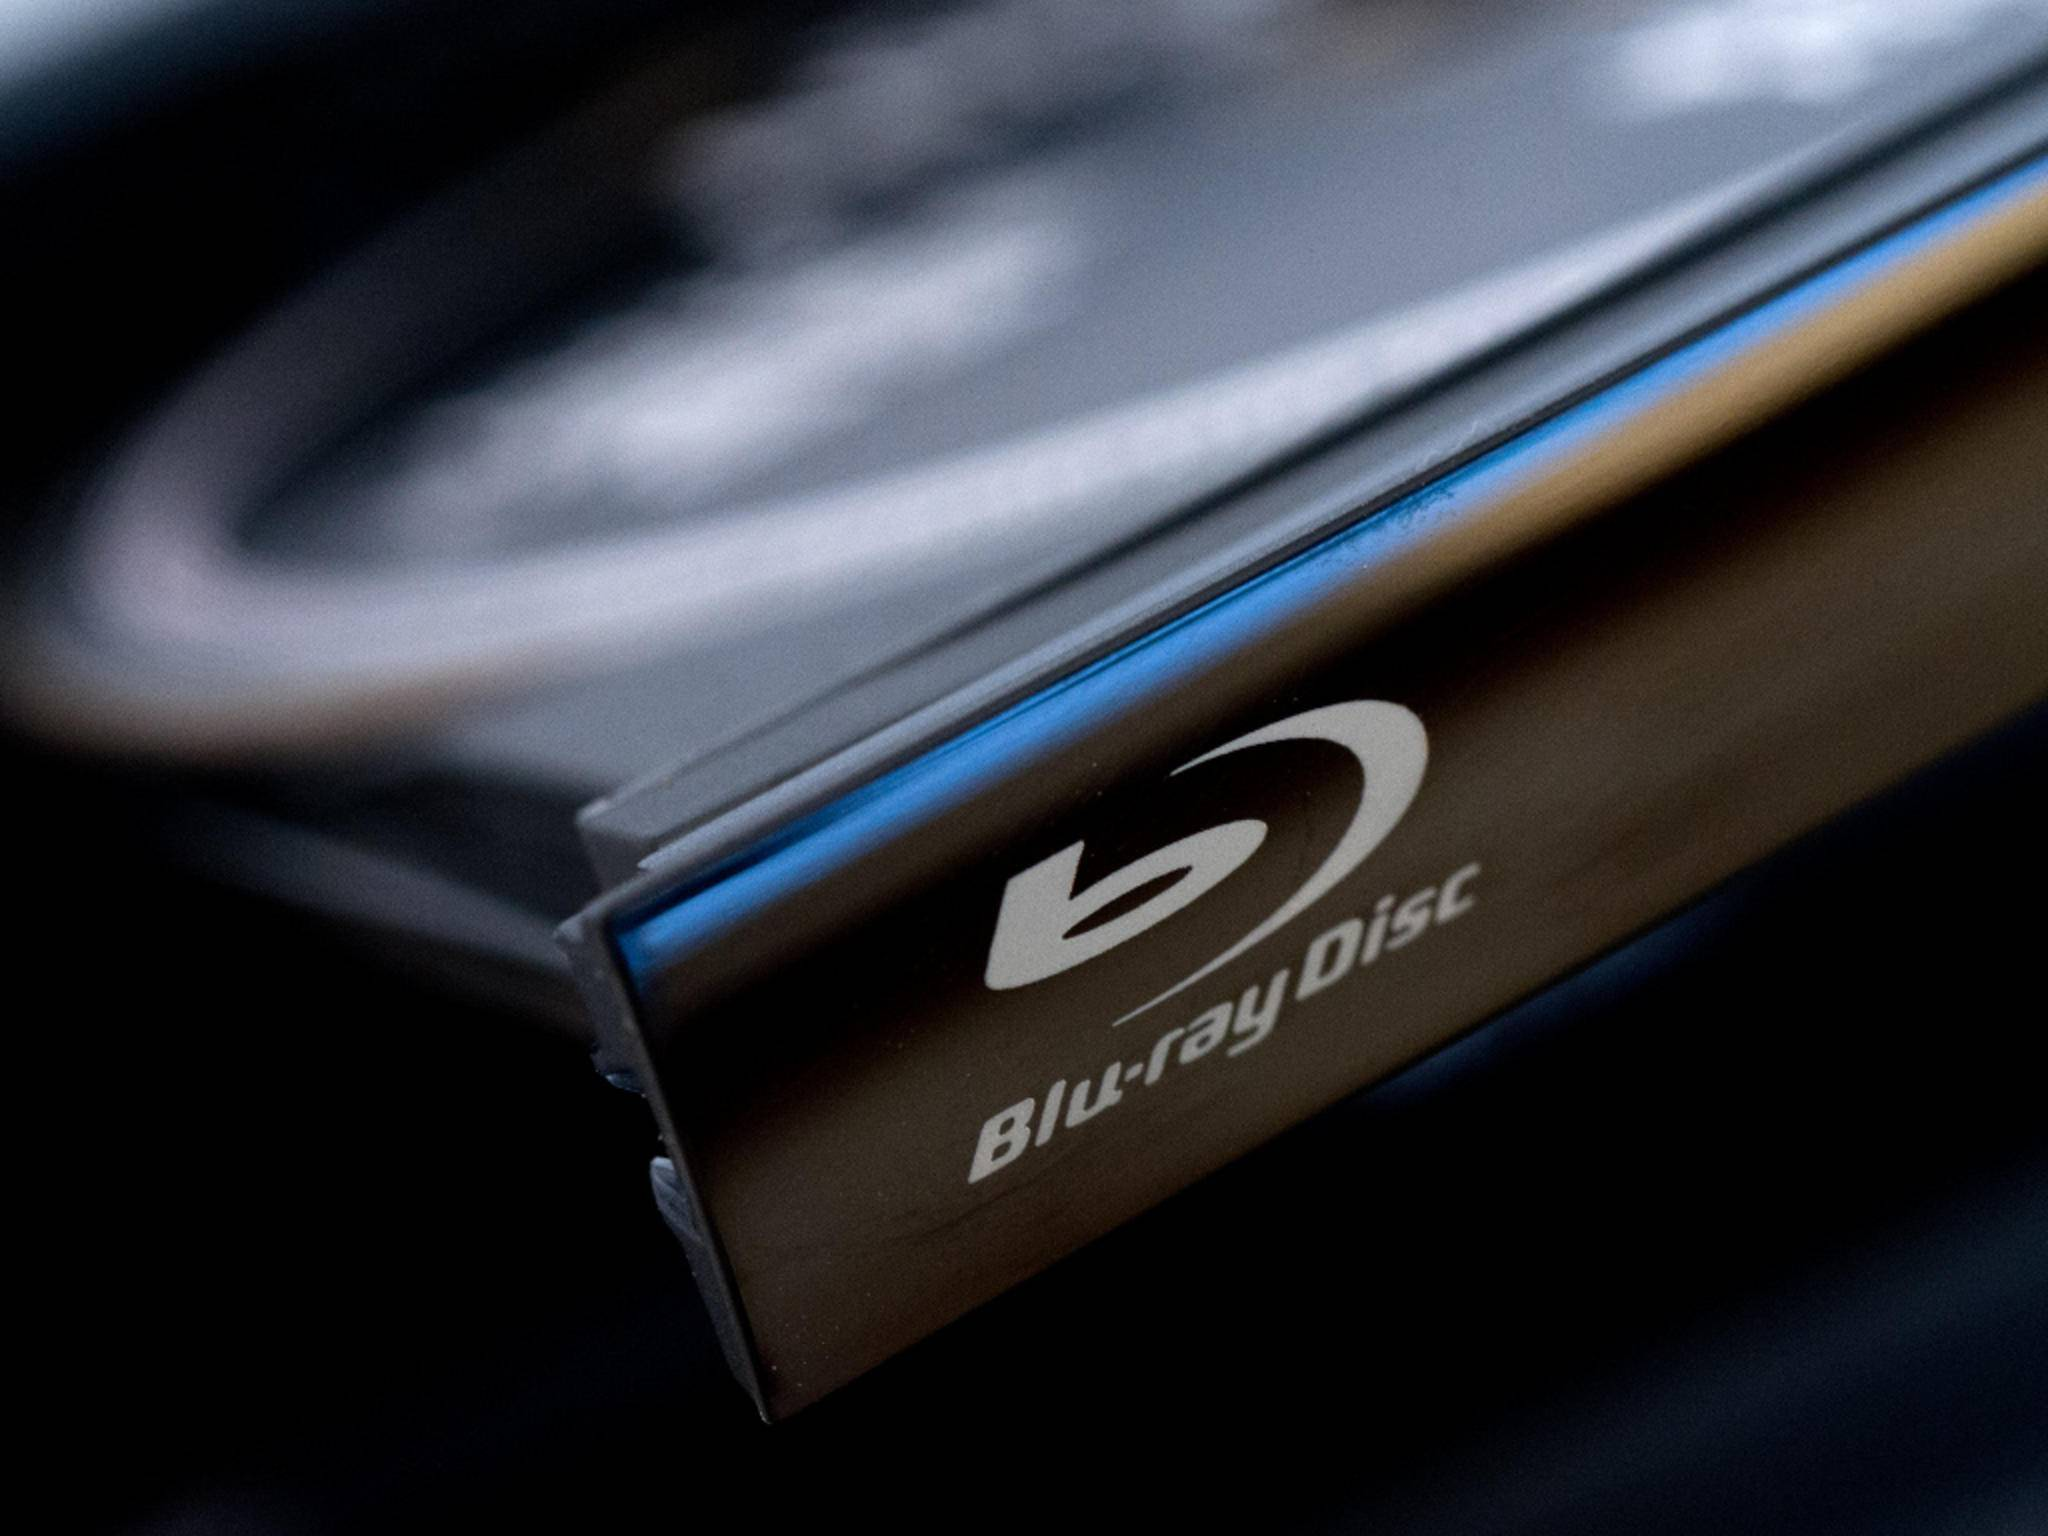 Erste Filme, die HDMI 2.0 erforderlich machen, sollen Ende 2015 auf Blu-ray erscheinen.